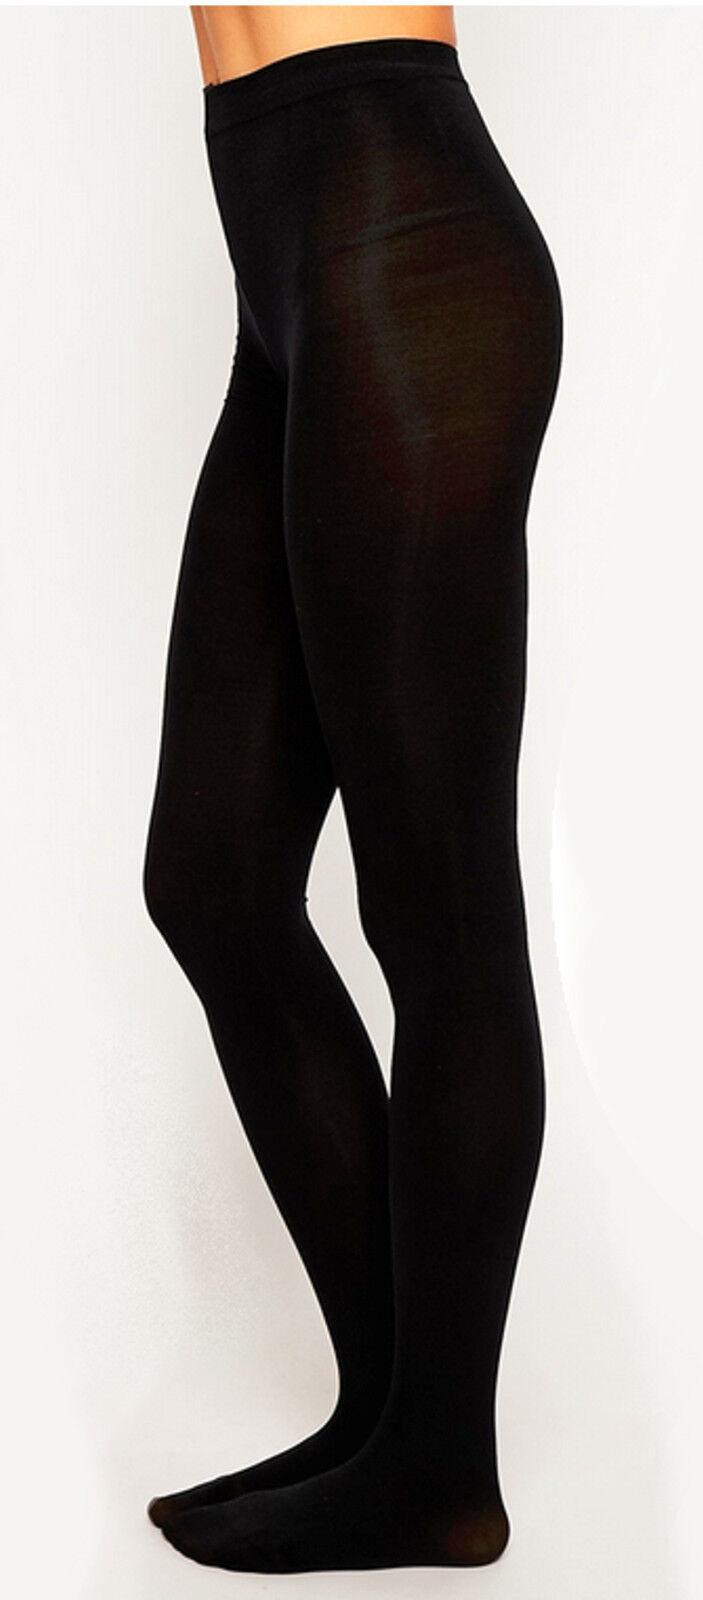 NEU  blickdichte Nylon Strumpfhosen für große Frauen Pantyhose Farbe SCHWARZ